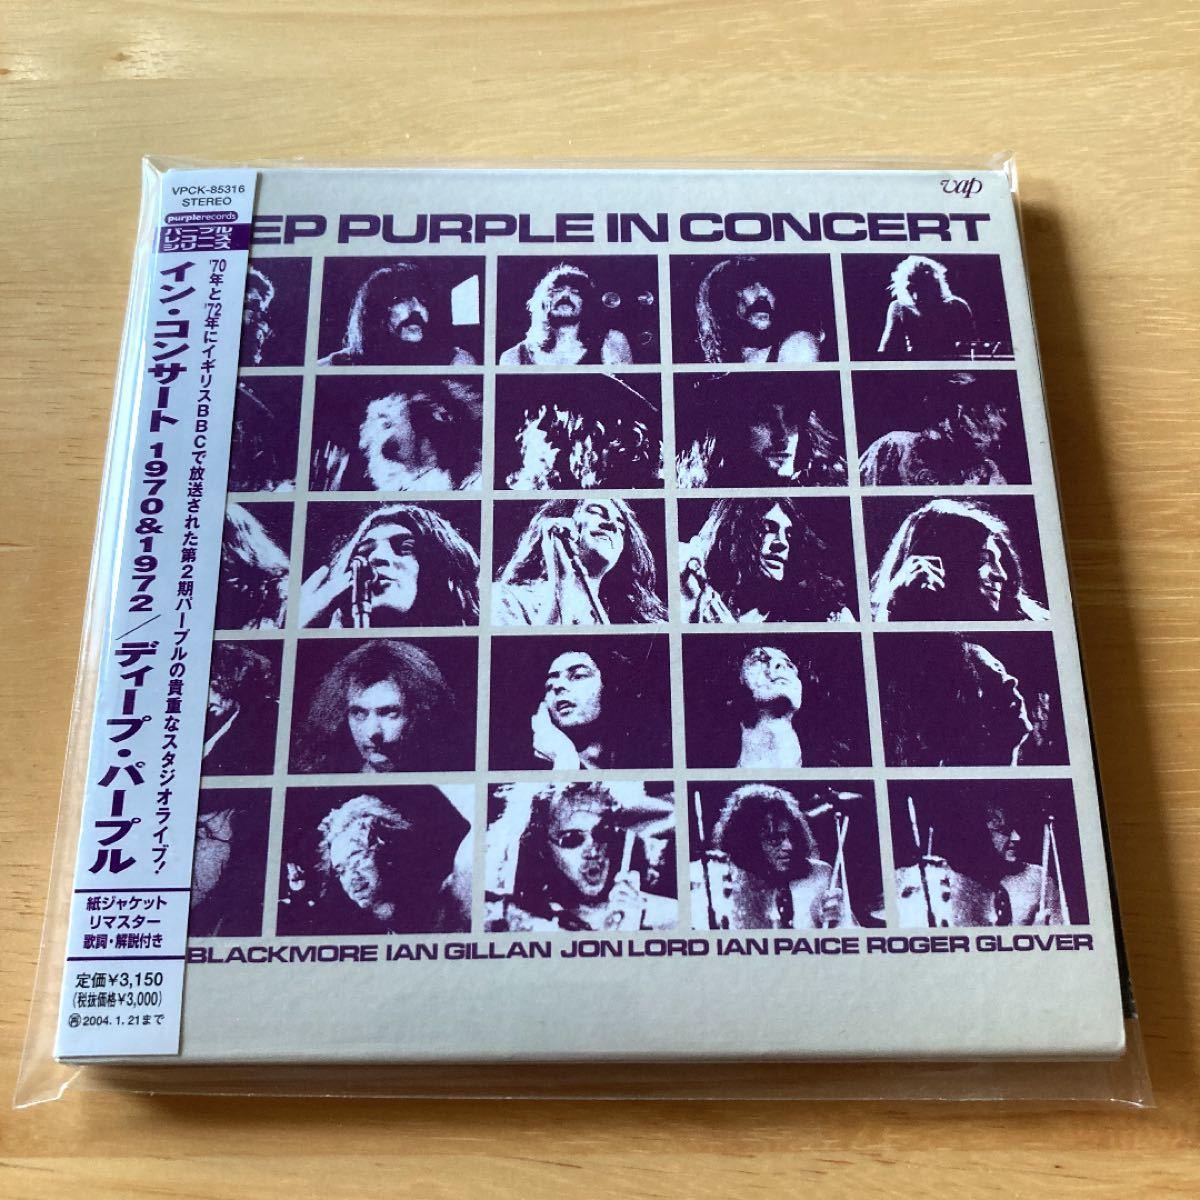 【美品】ディープ・パープル/イン・コンサート 1970&1972[CD 2枚組、紙ジャケット仕様]